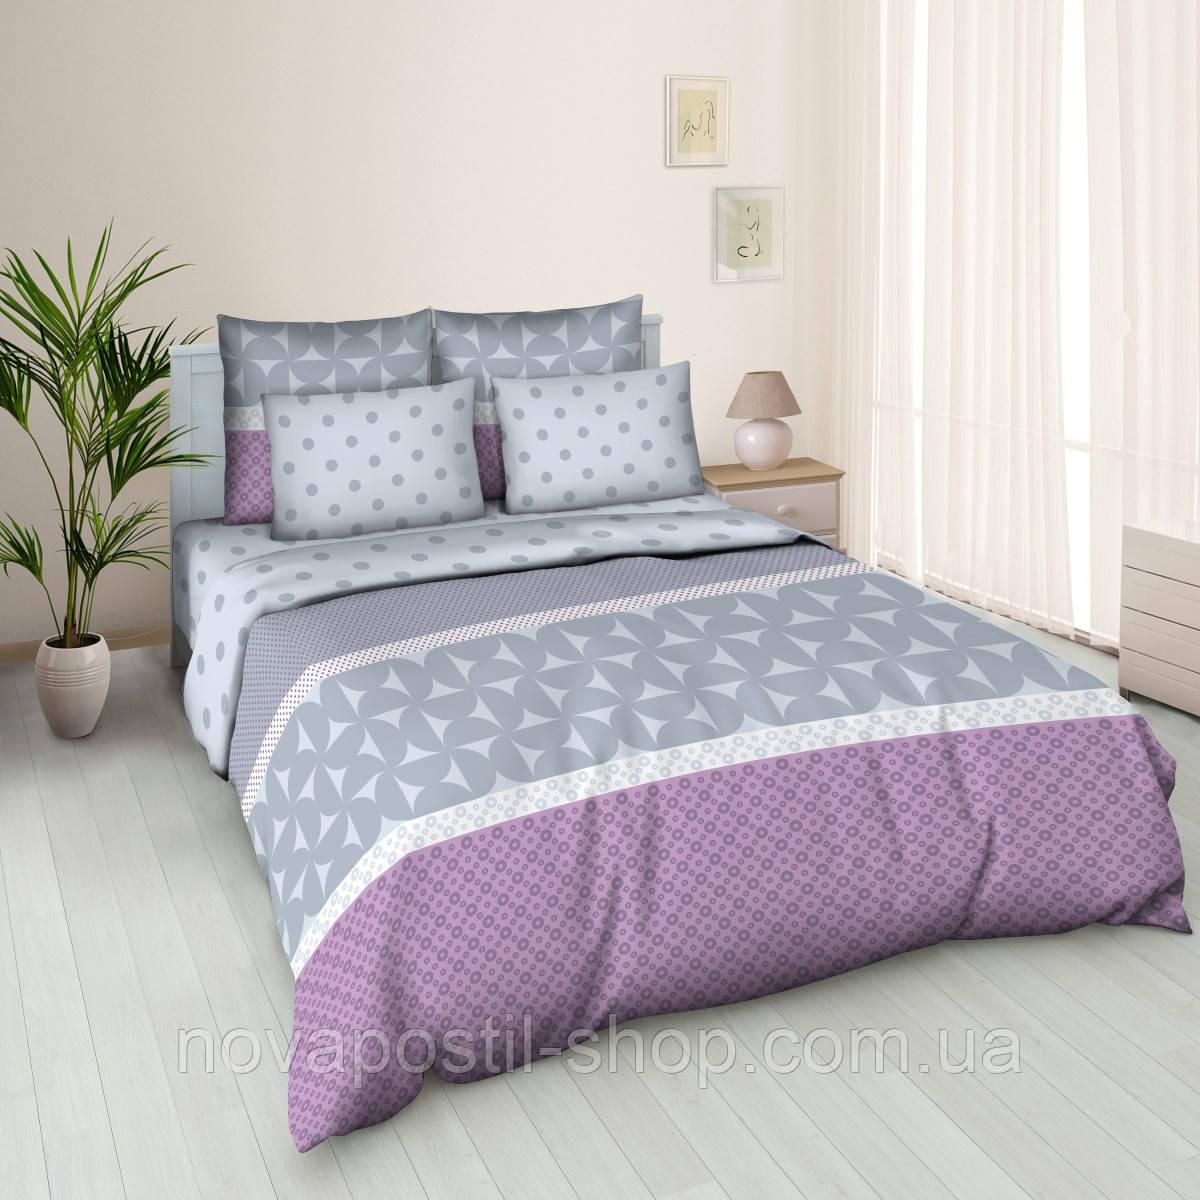 Комплект постельного белья Полька Дот 1,5 сп (бязь, 100% хлопок)